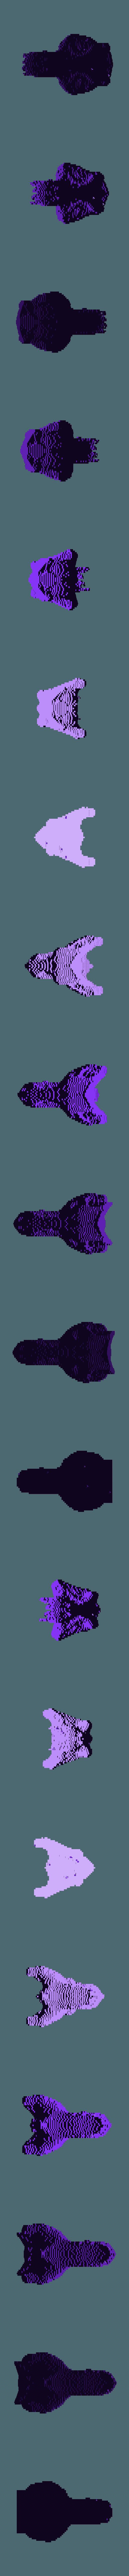 T-RexSkull_Skull_voxelized_64.stl Télécharger fichier STL gratuit Crâne T-Rex voxélisé • Plan imprimable en 3D, makerwiz